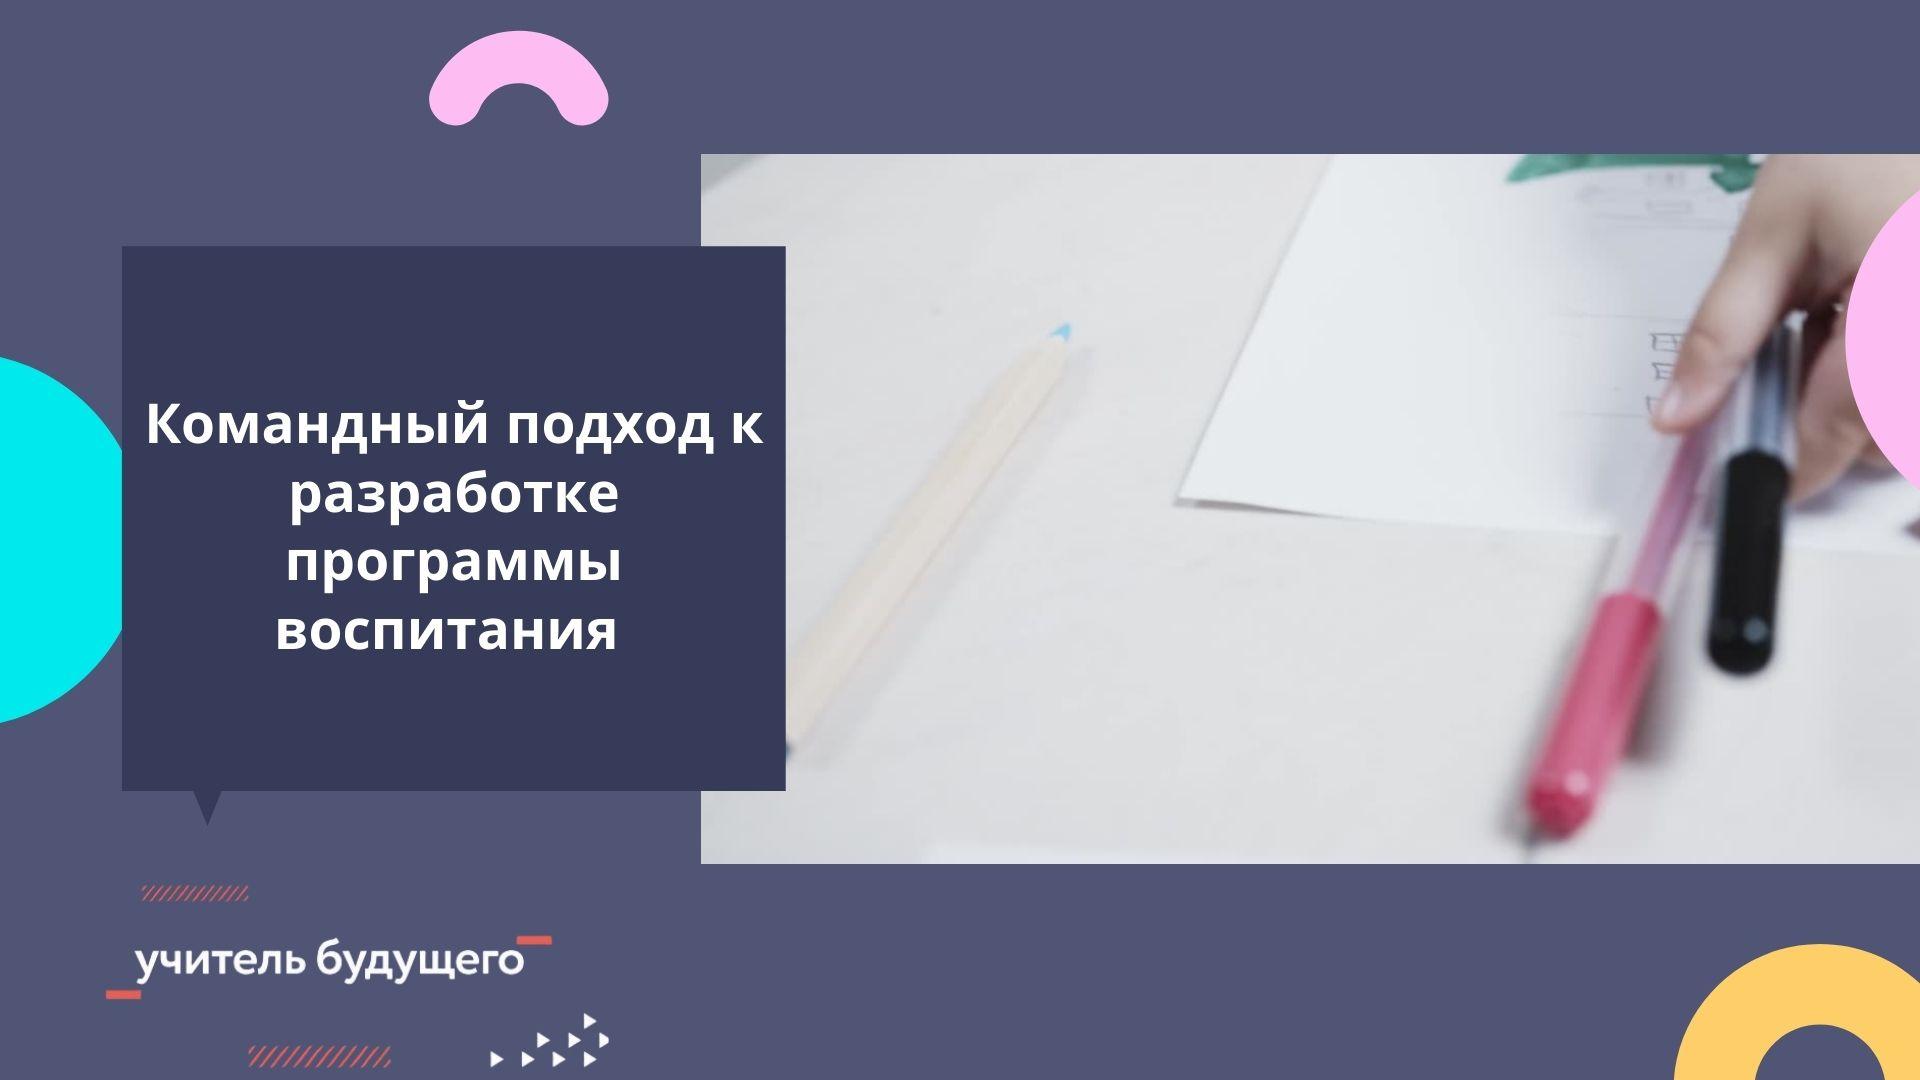 Командный подход к разработке программы воспитания общеобразовательной организации 30.11.2020 - 04.12.2020